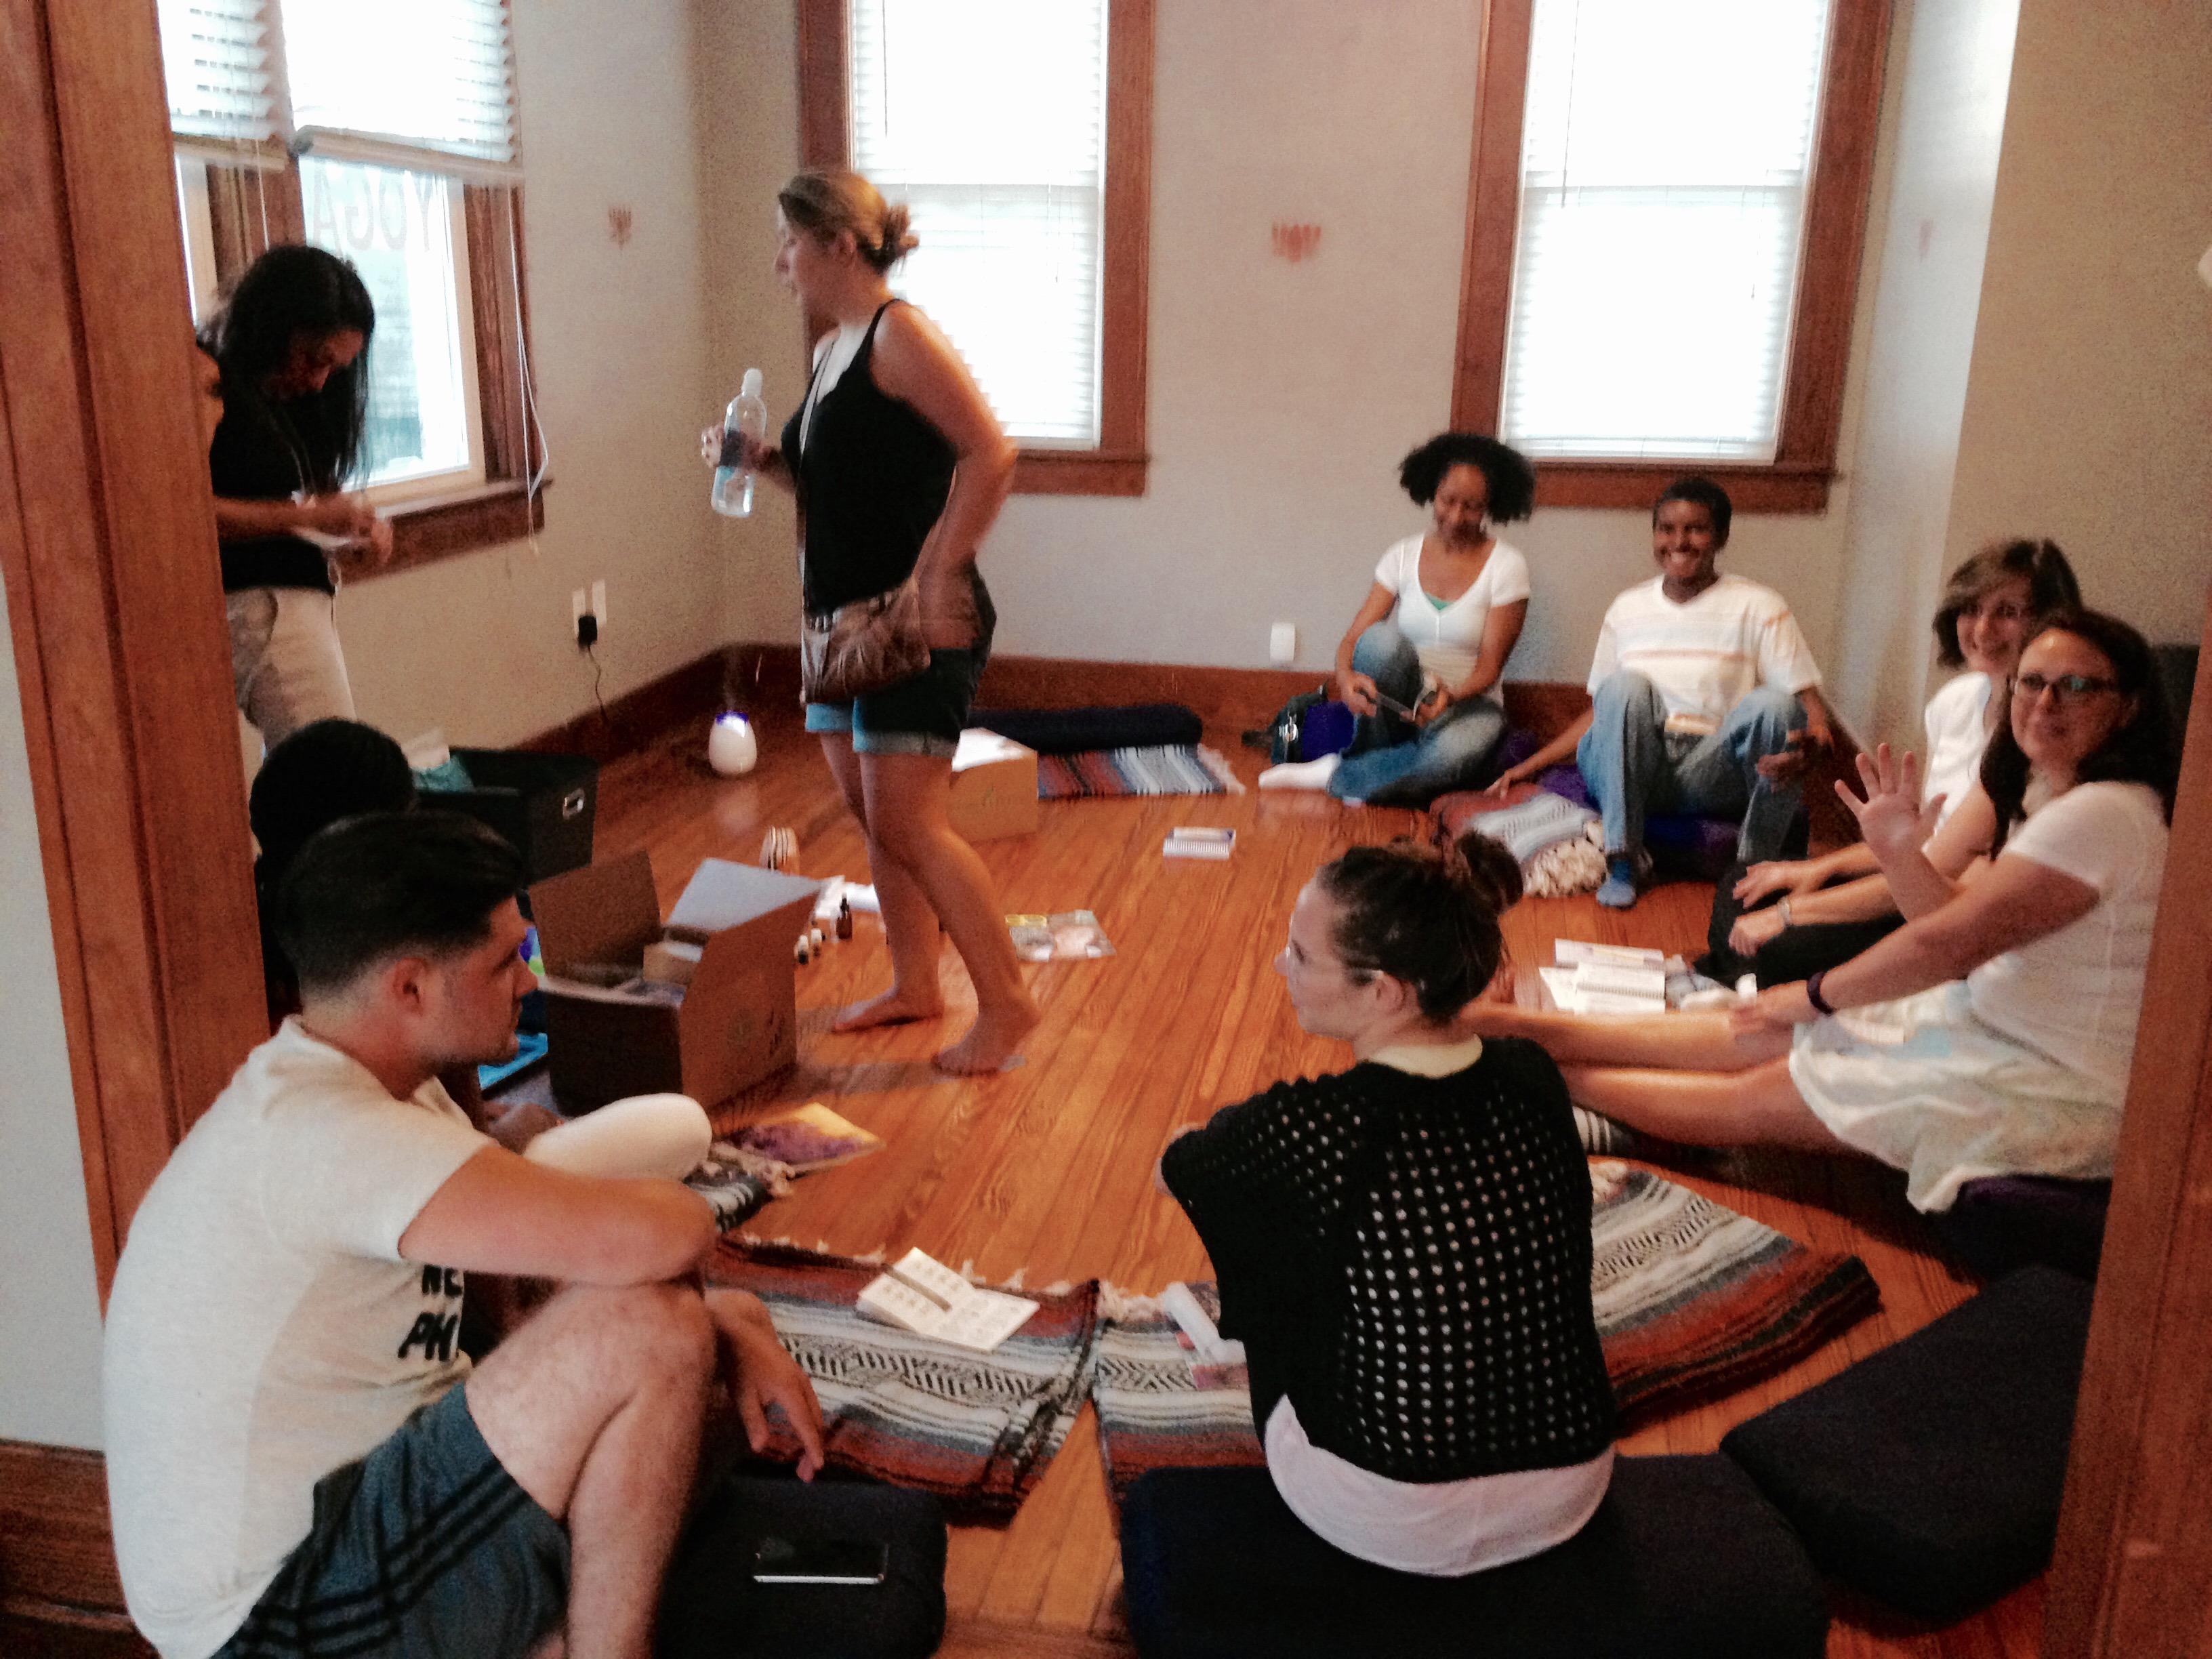 Barefoot Yoga Studio image 2